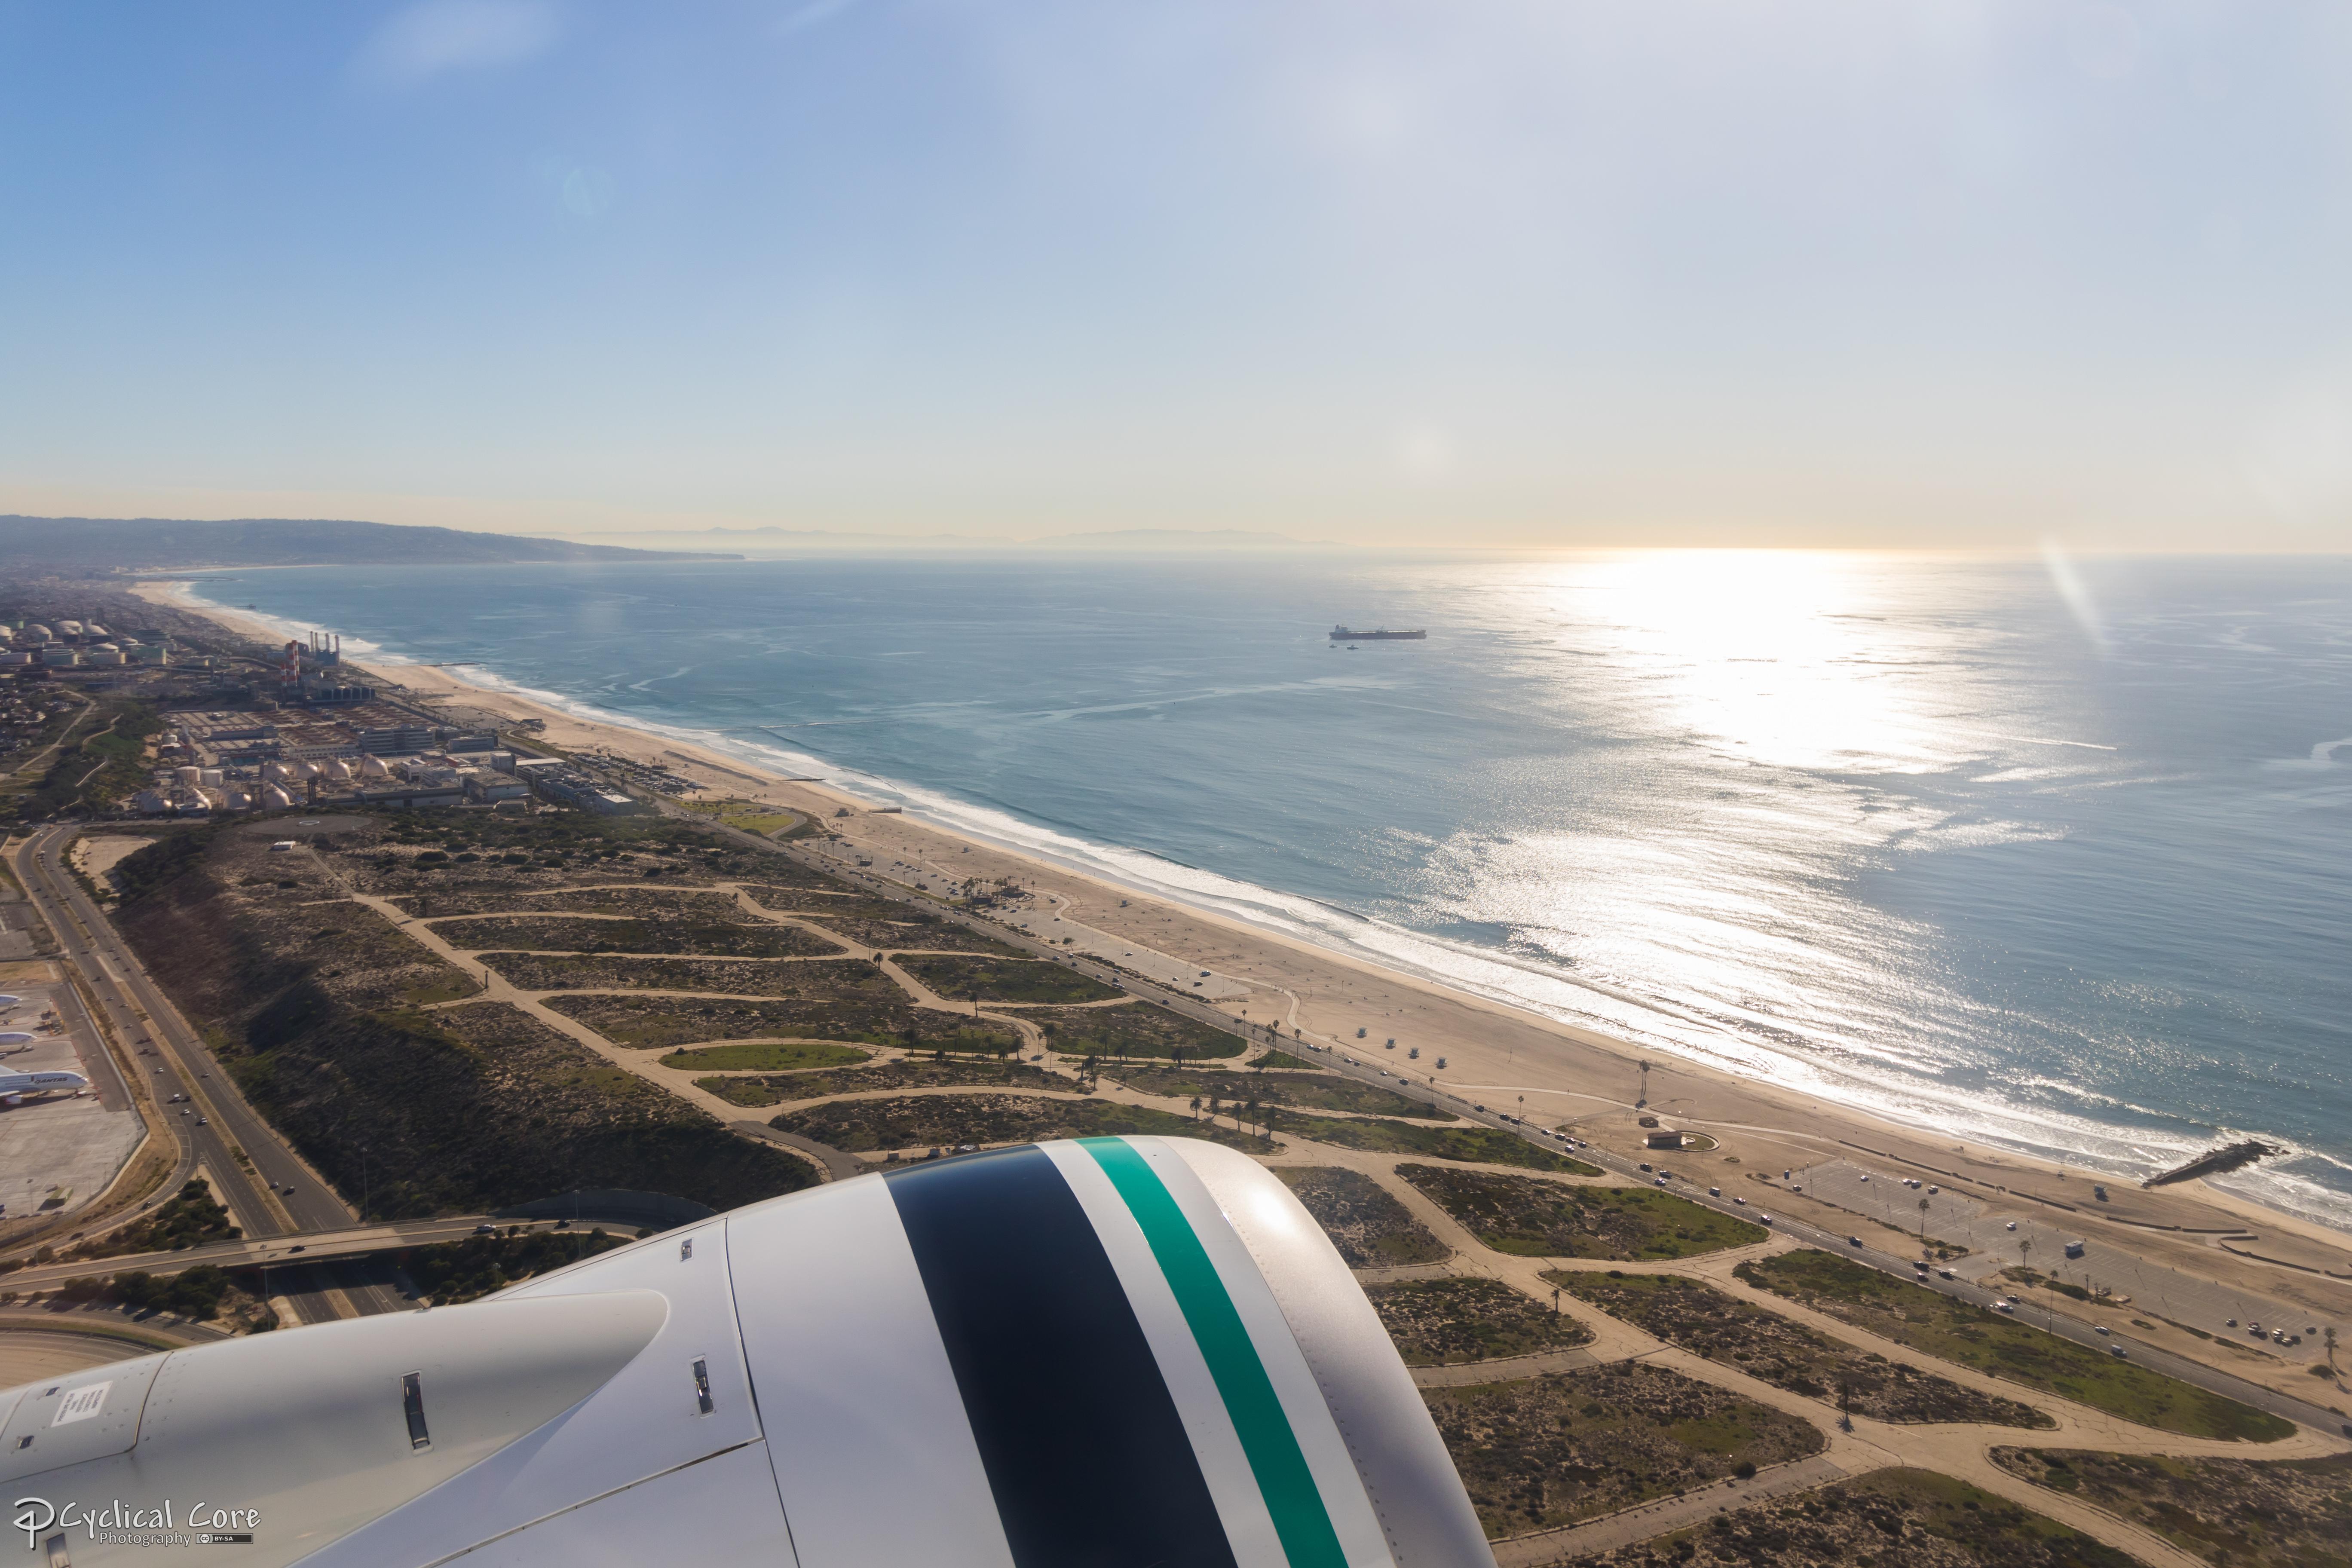 Beach Lax Ocean City